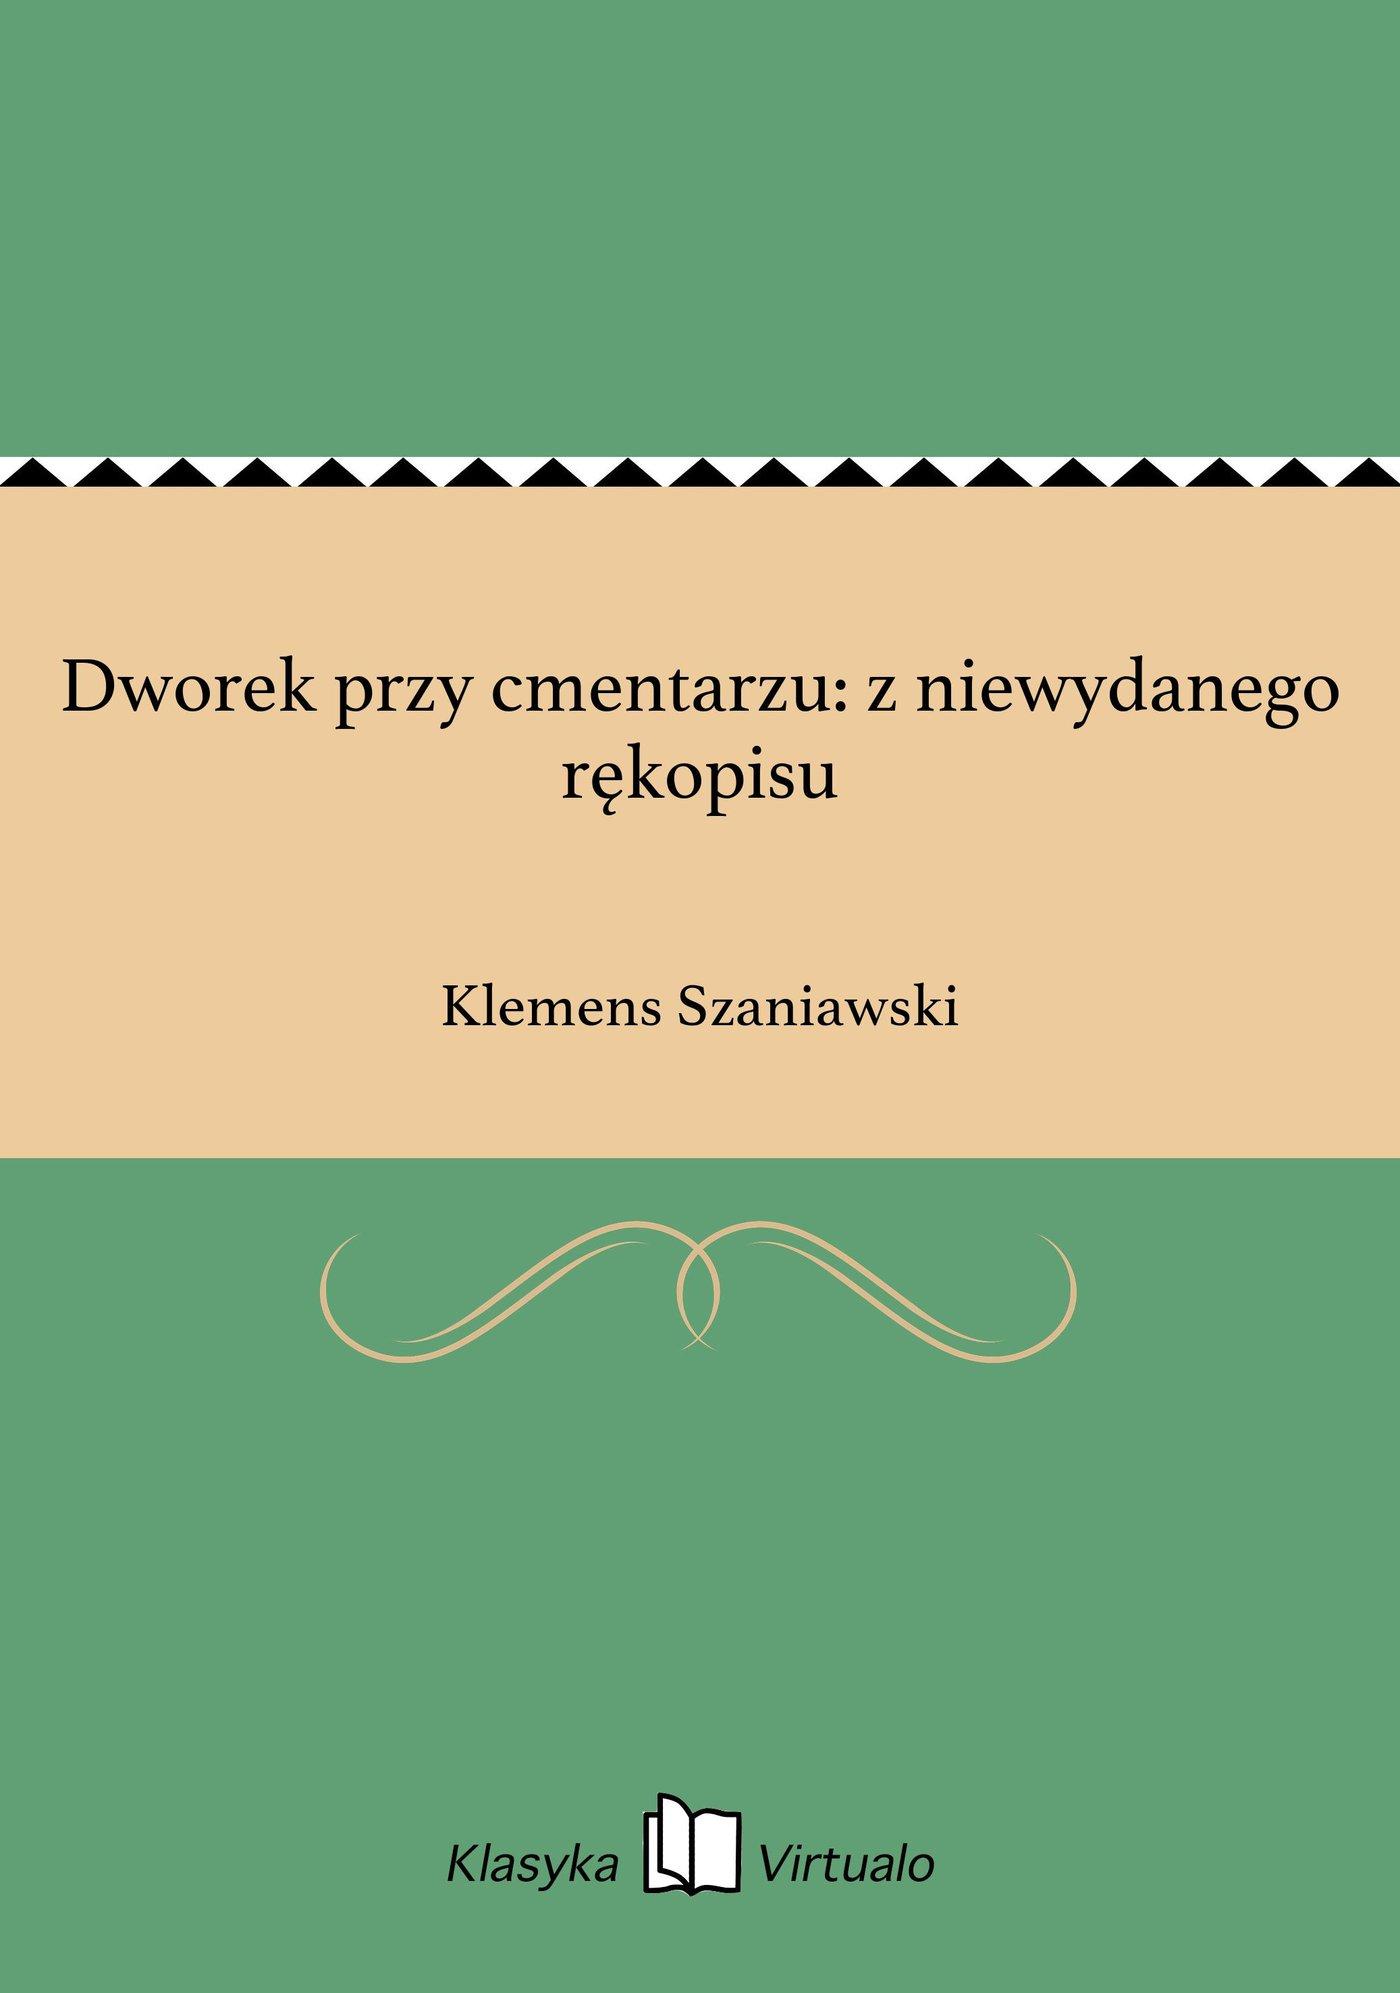 Dworek przy cmentarzu: z niewydanego rękopisu - Ebook (Książka EPUB) do pobrania w formacie EPUB